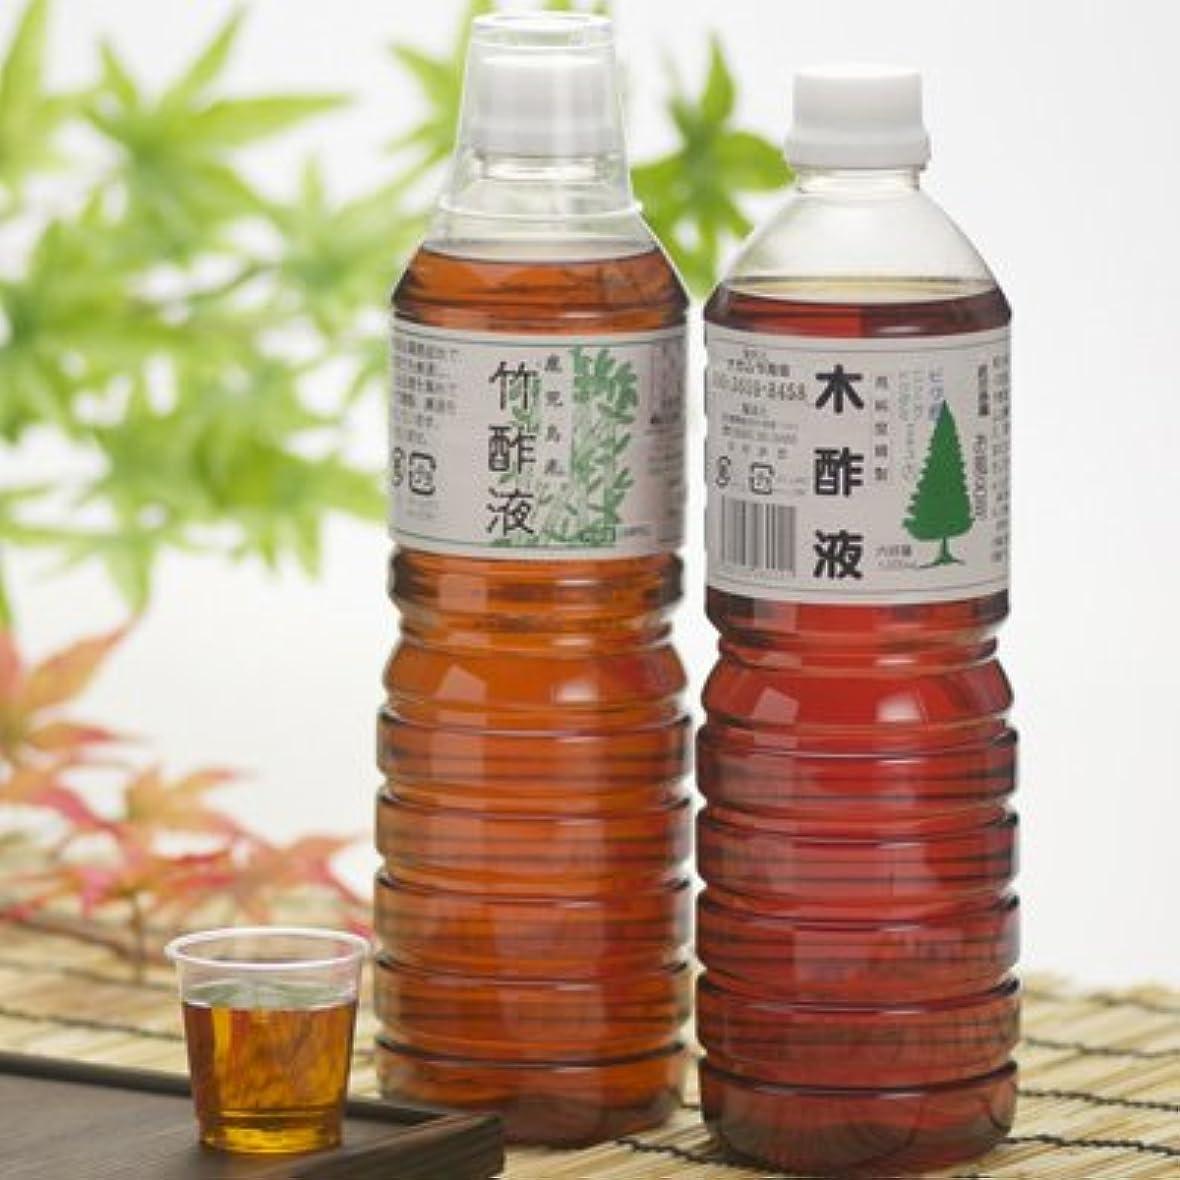 ピーブ専門化するオッズ一味違うバスタイムを楽しめる お風呂用(竹?樫)セット ナカムラ商会?鹿児島県